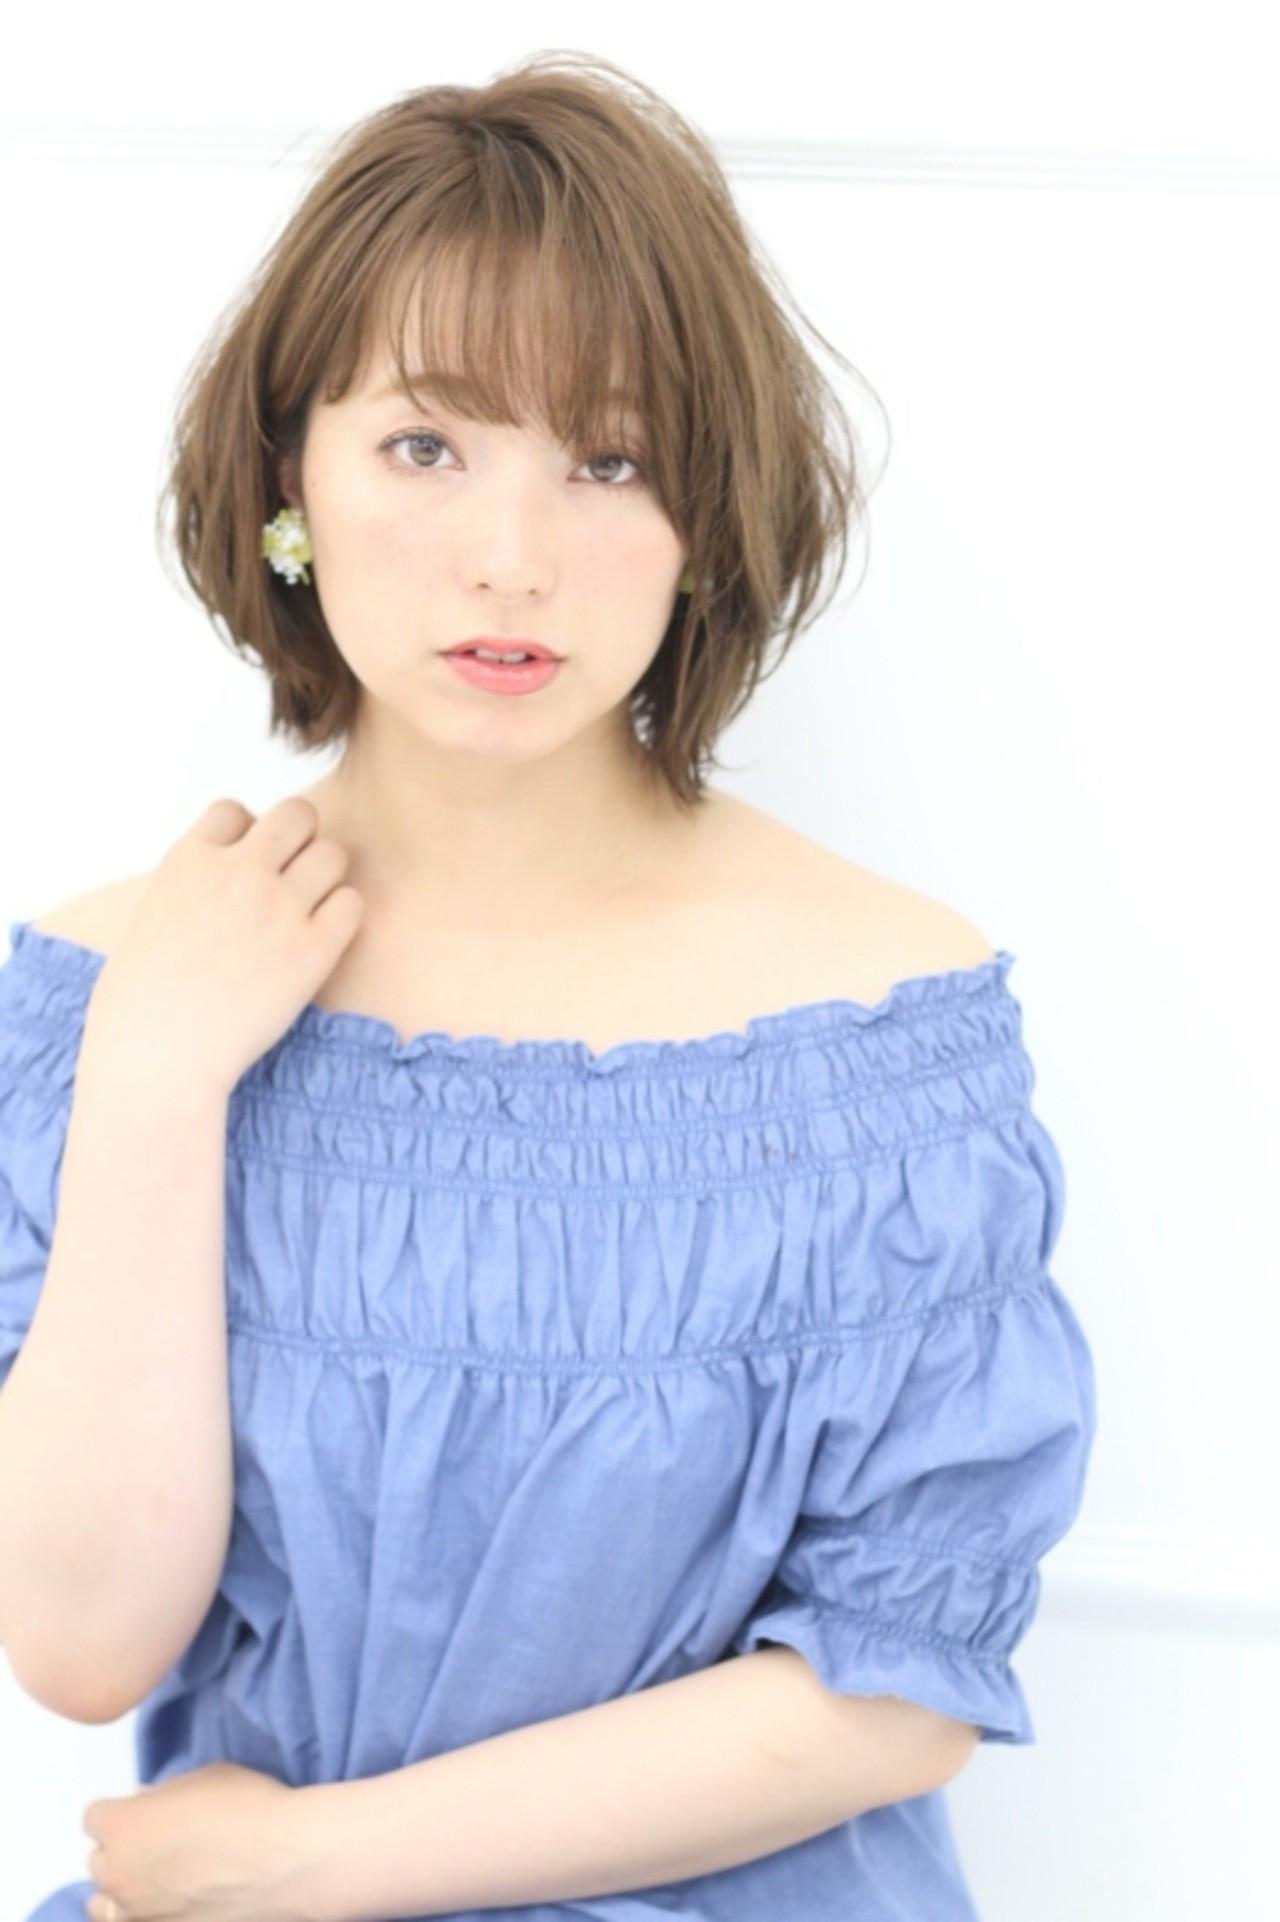 レイヤーカット アッシュ モテ髪 ナチュラル ヘアスタイルや髪型の写真・画像